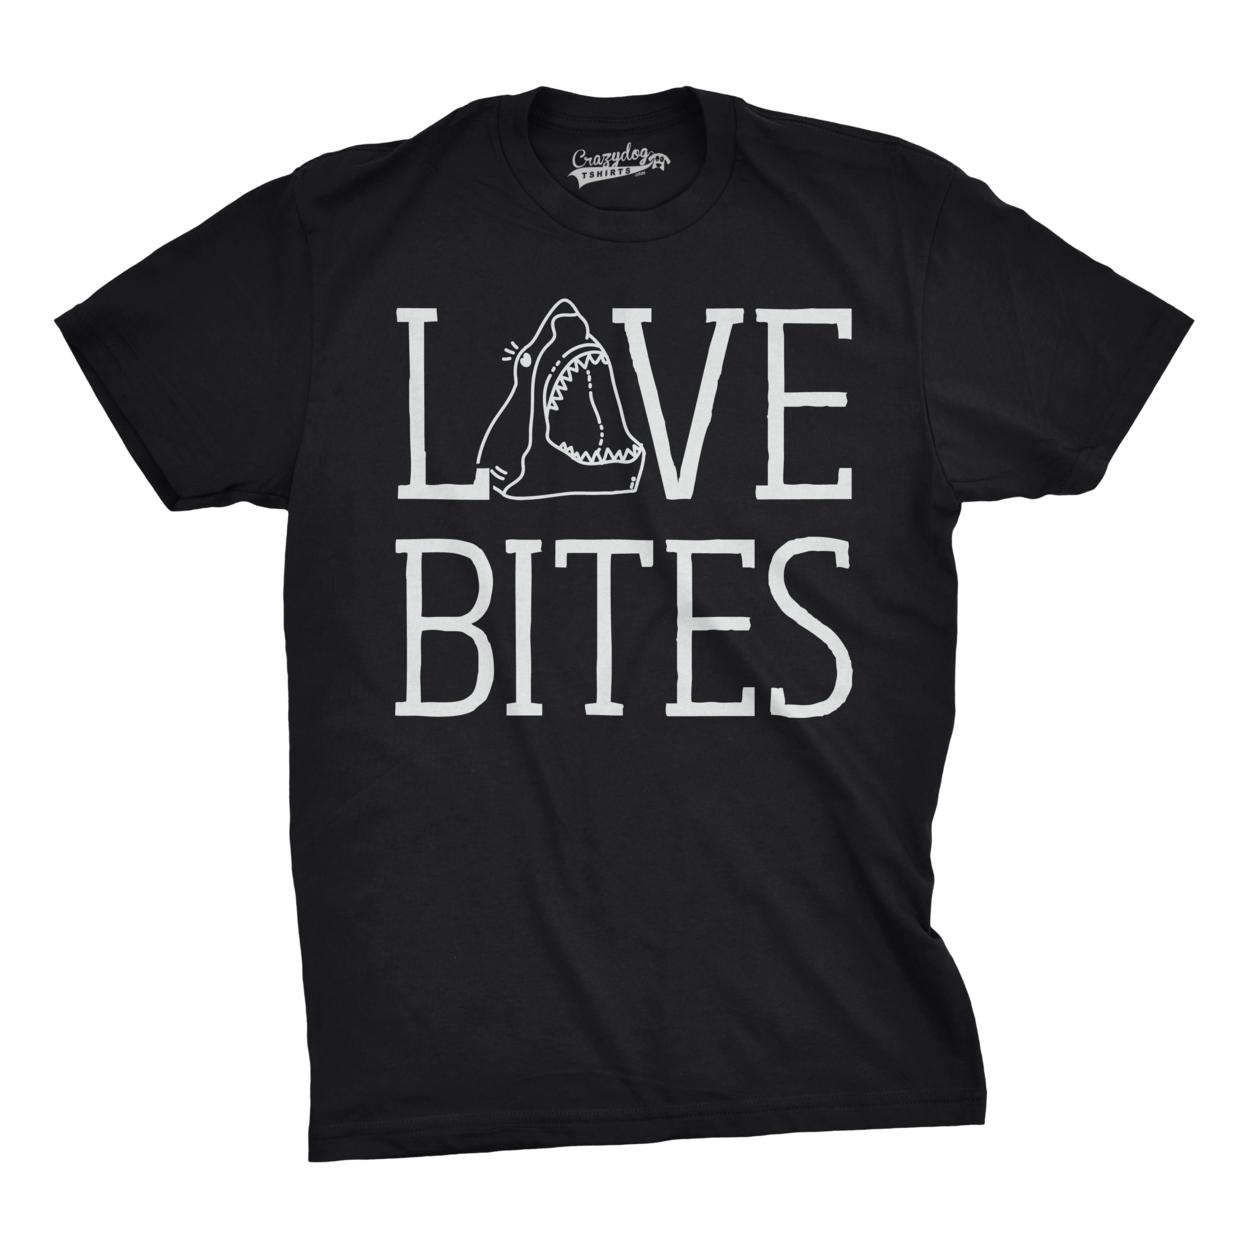 Love Bites Shark T-shirt 58790364e224613a9b03fc6d